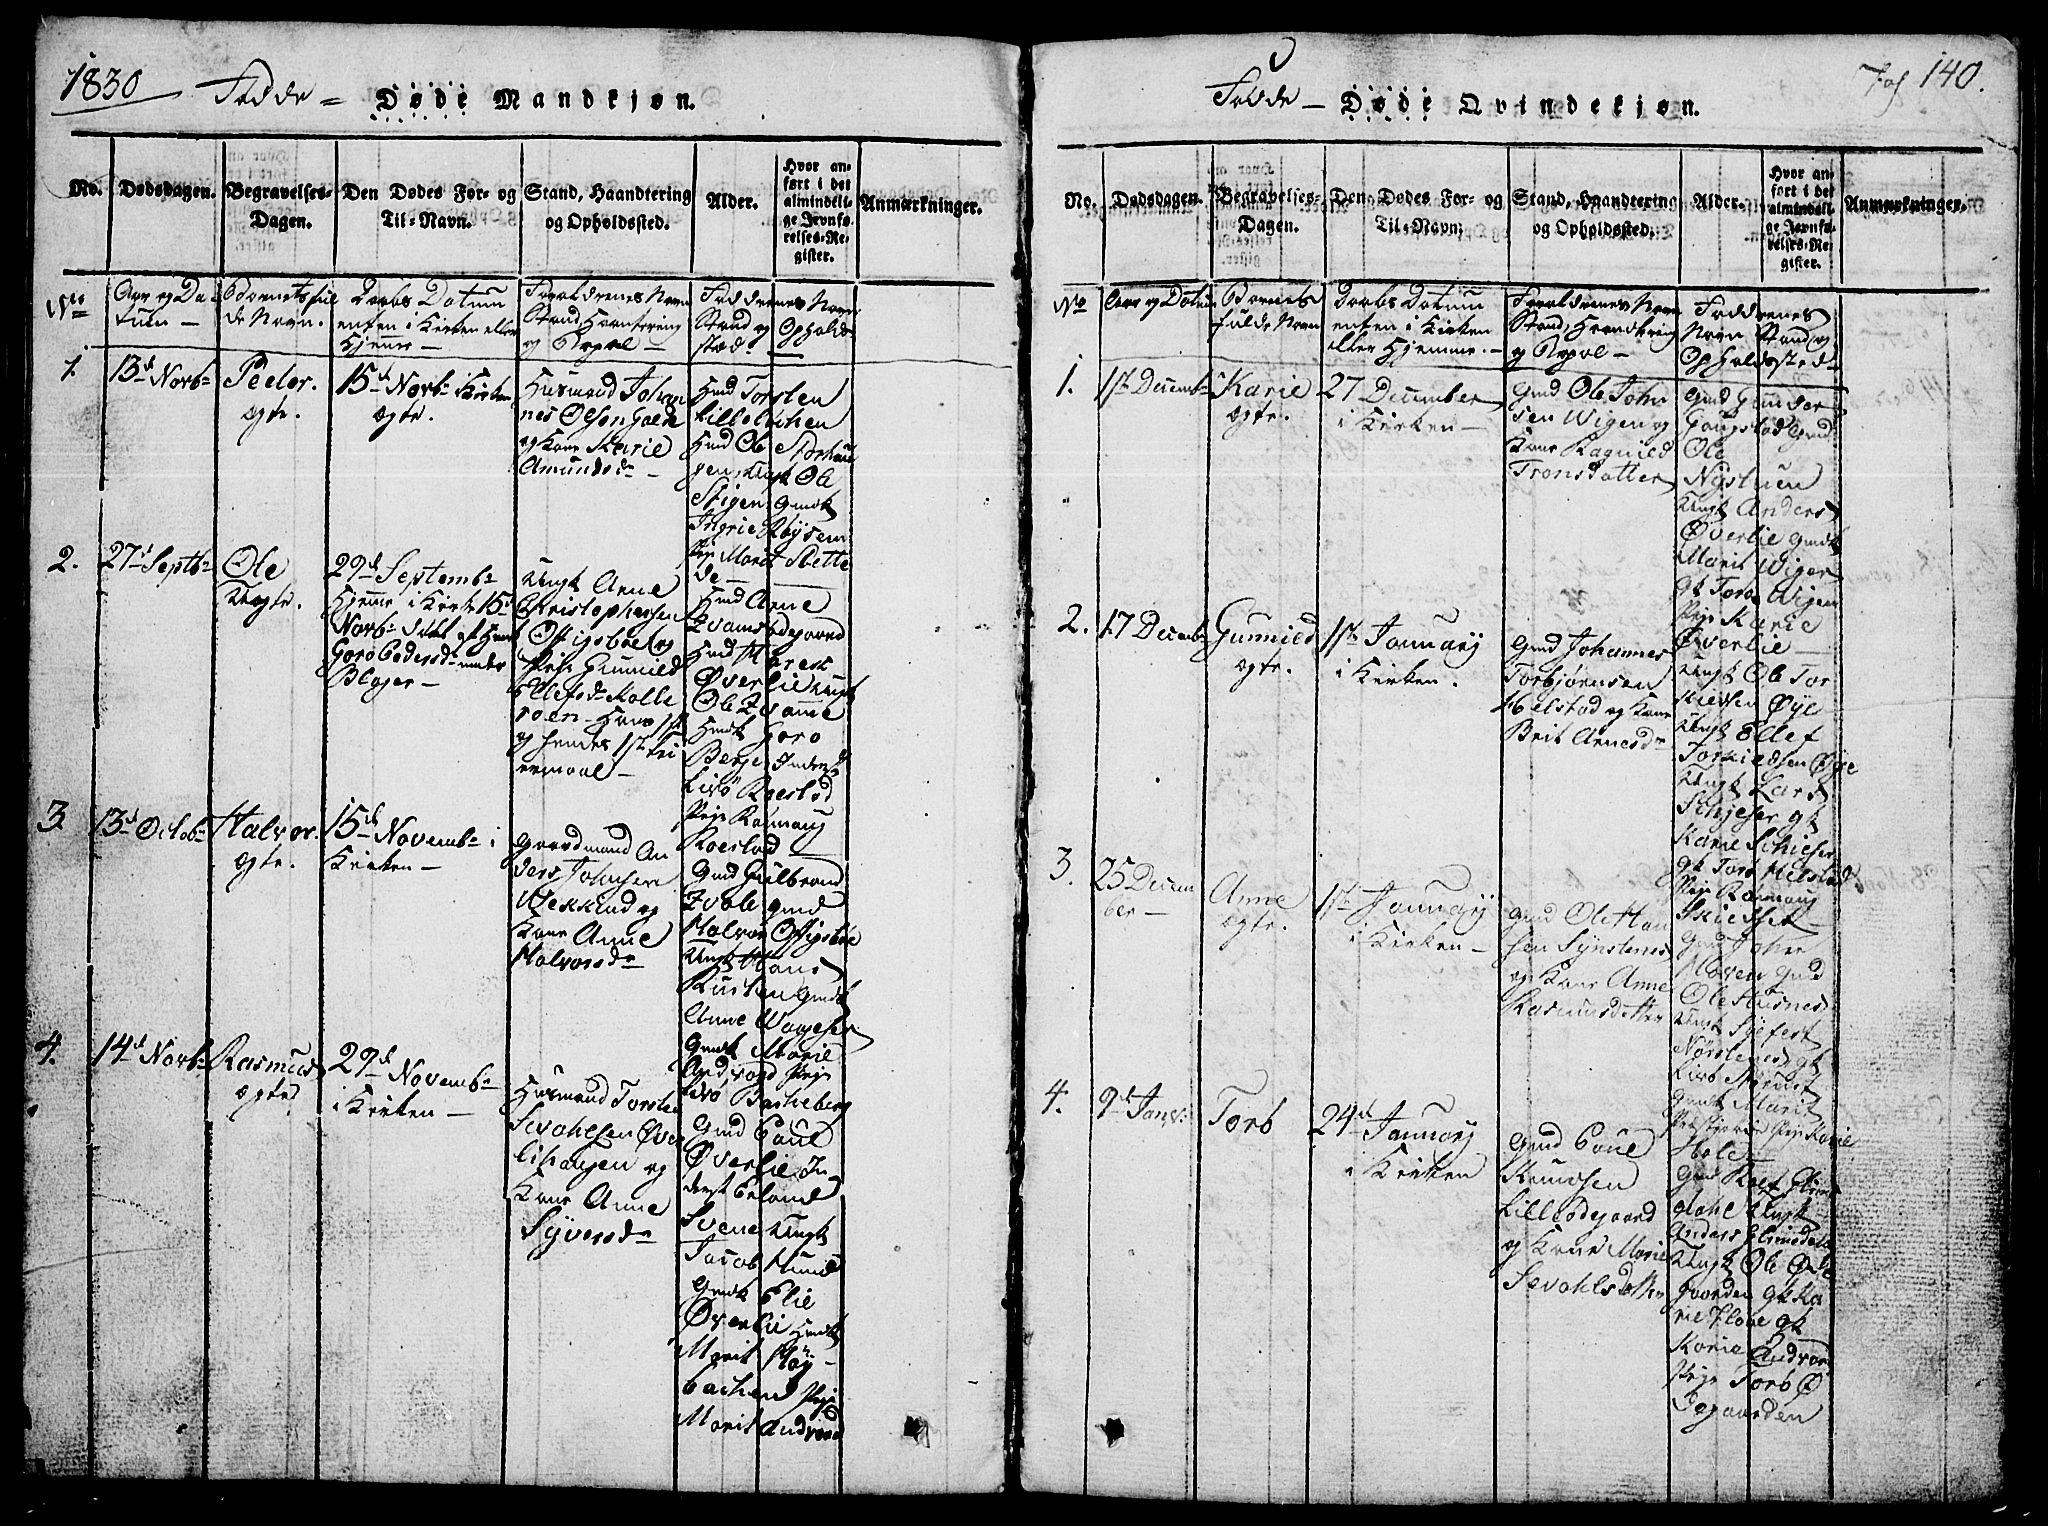 SAH, Lom prestekontor, L/L0001: Klokkerbok nr. 1, 1815-1836, s. 140